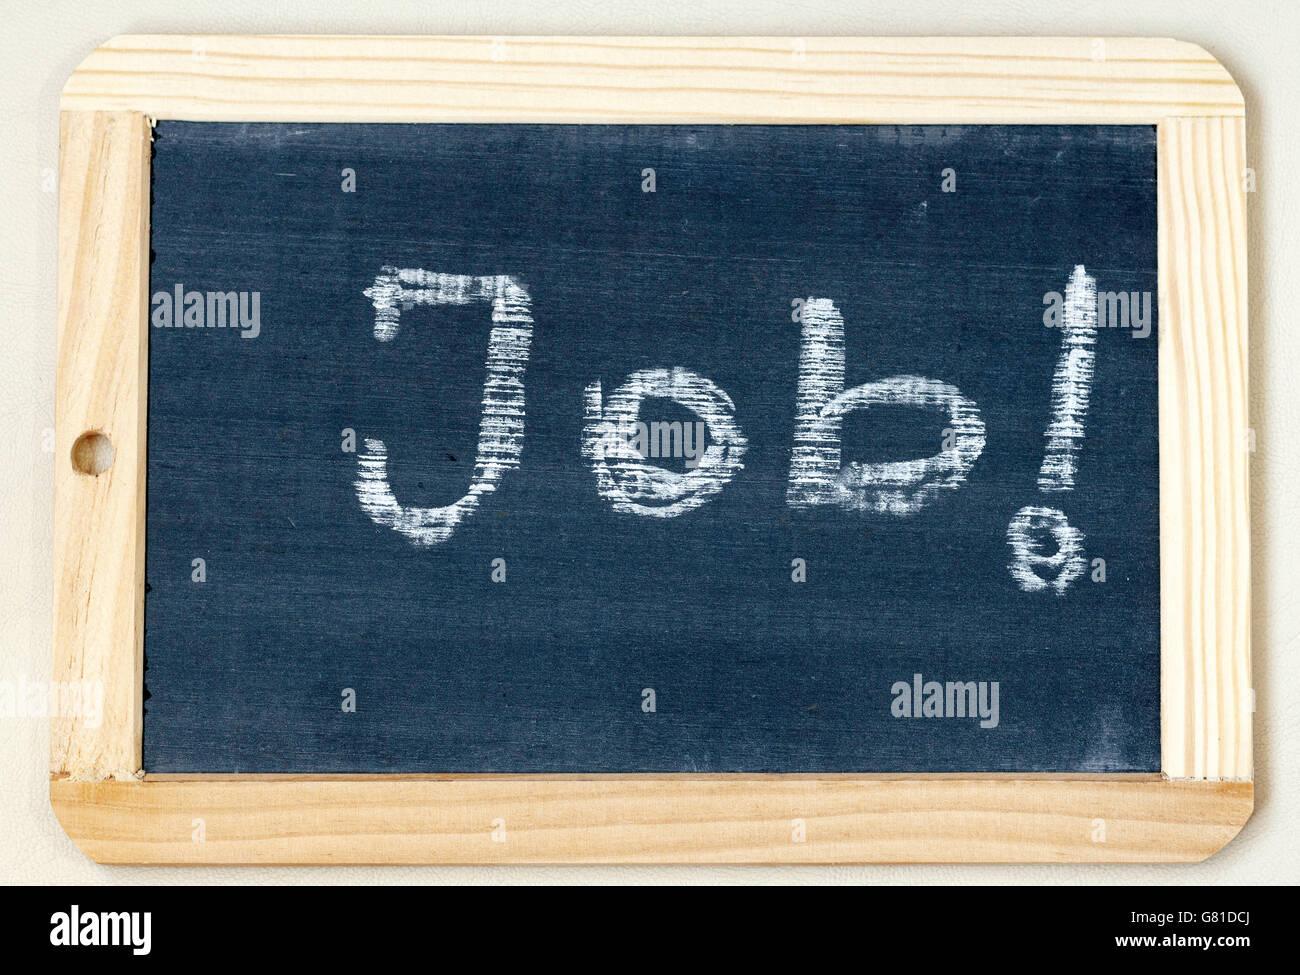 Trabajo palabra escrita en una pizarra enmarcadas en madera con ...